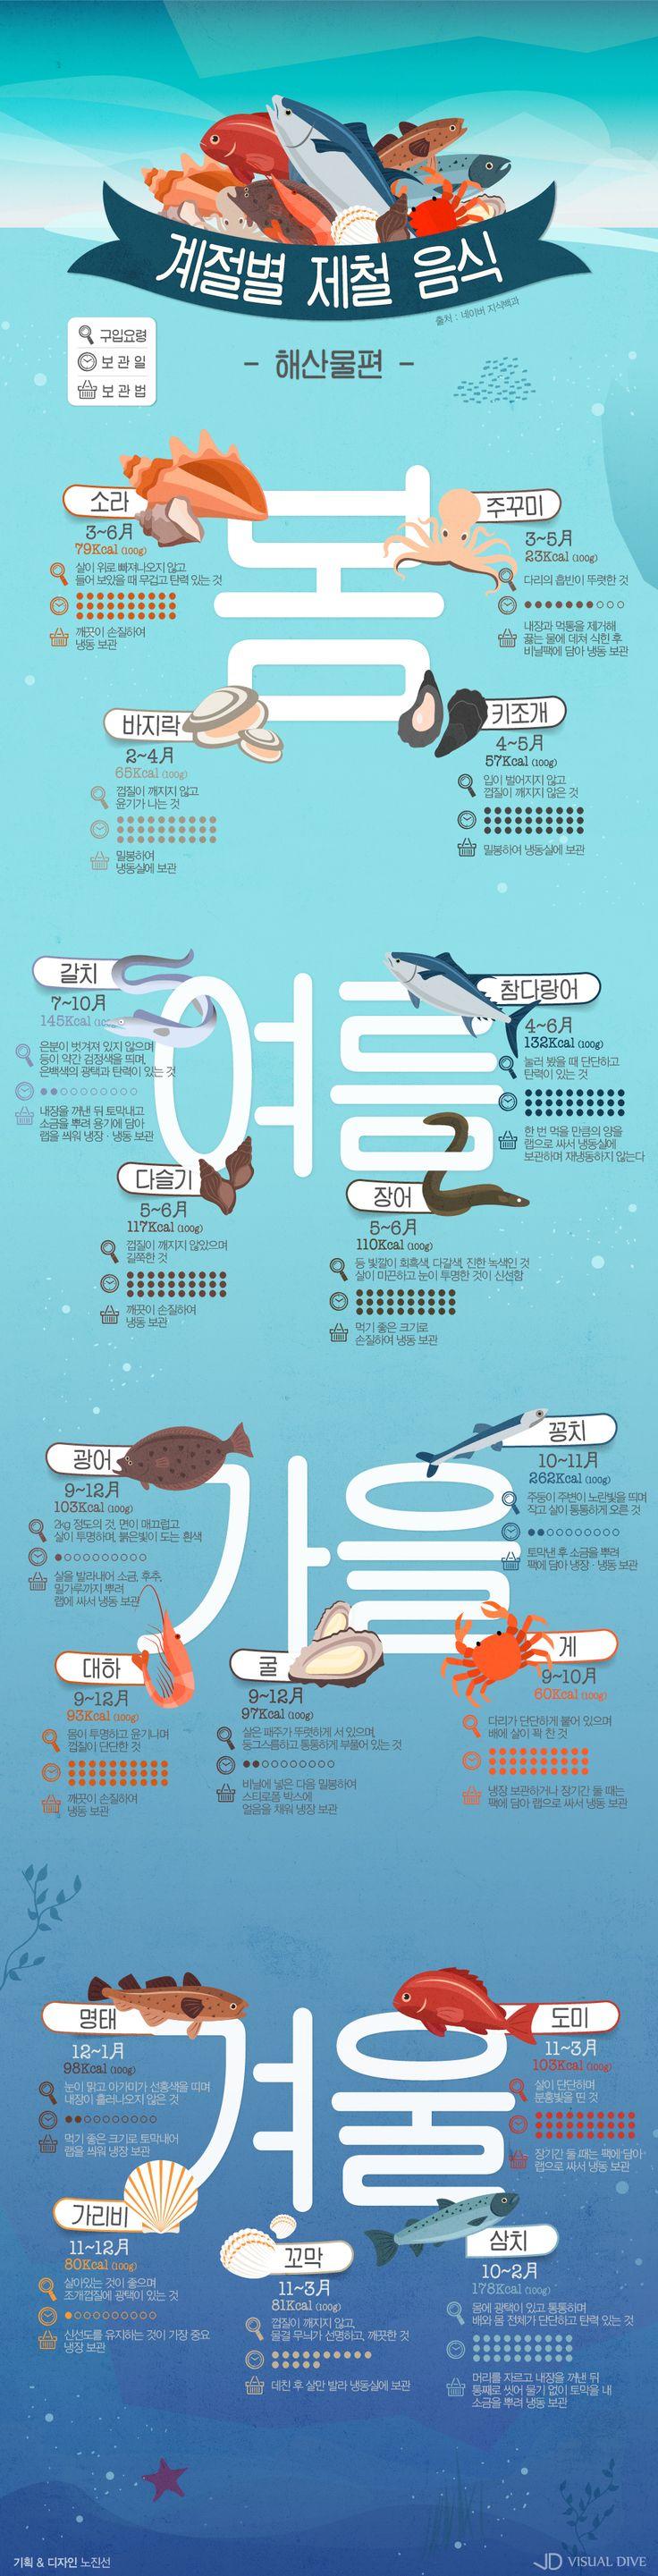 """""""지금은 광어 시대!"""" 노량진에서도 안 알려주는 제철 해산물 [인포그래픽] #Fish / #Infographic ⓒ 비주얼다이브 무단 복사·전재·재배포 금지"""